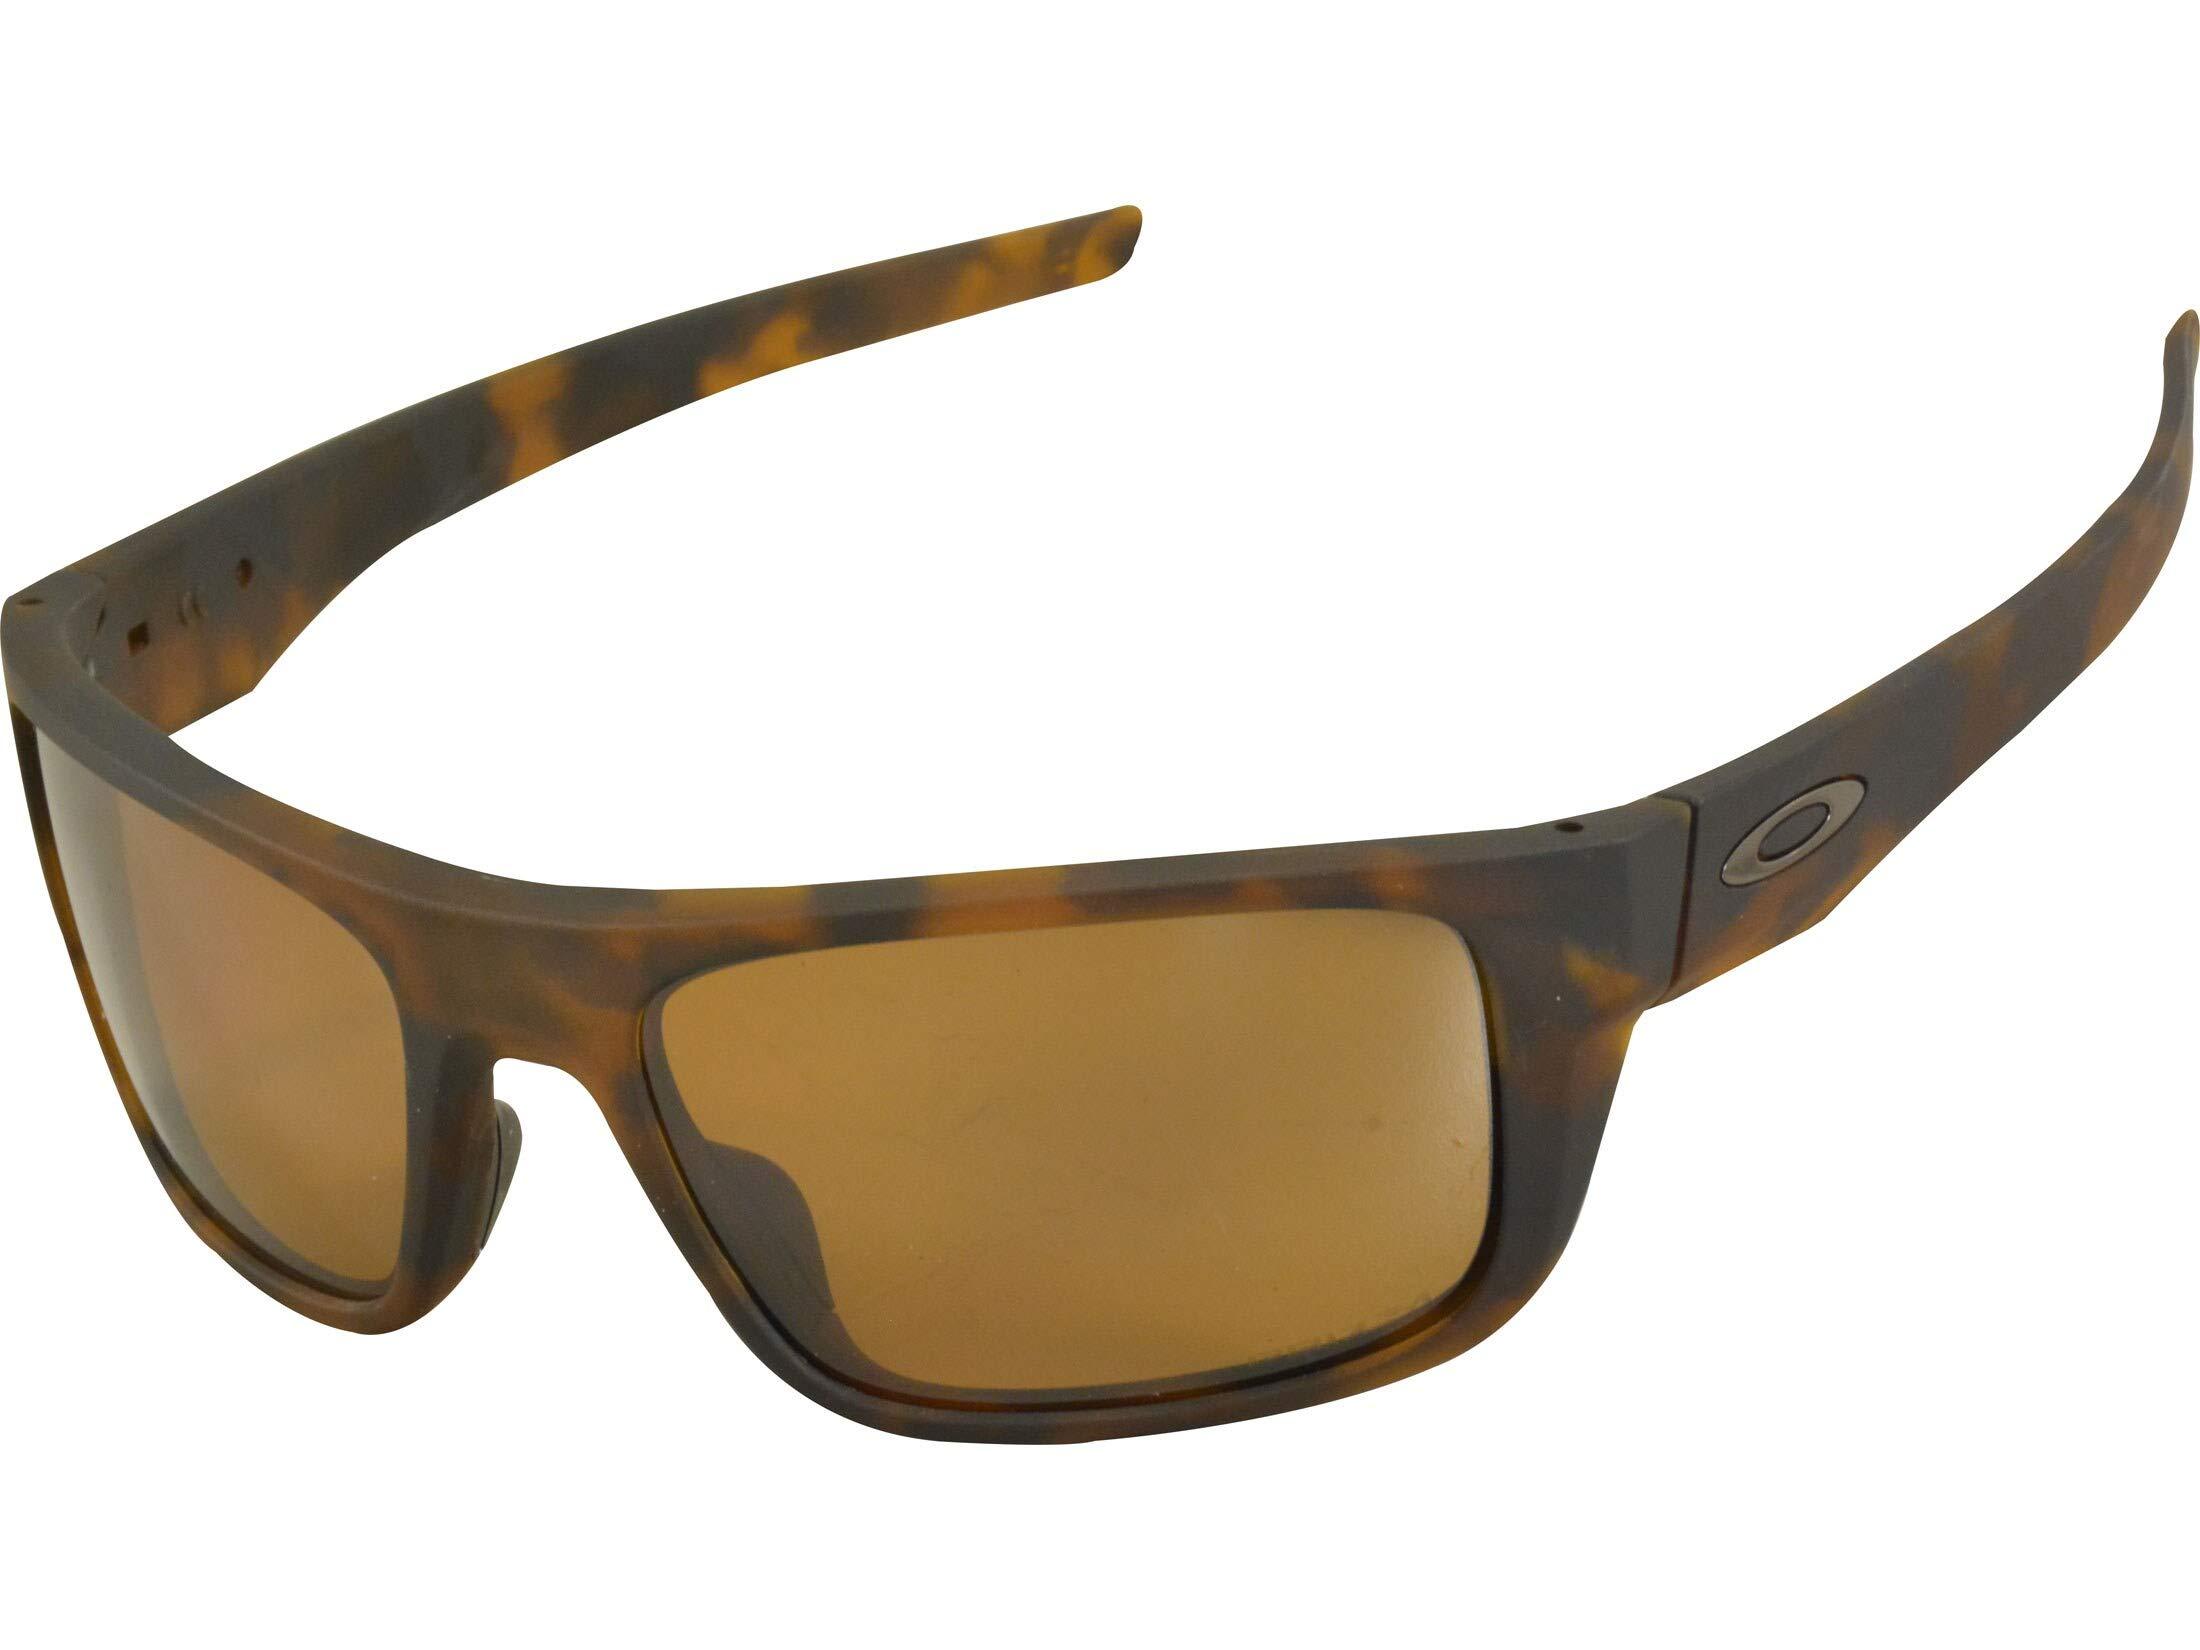 Oakley Men's OO9367 Drop Point Rectangular Sunglasses, Matte Tortoise/Prizm Tungsten Polarized, 61 mm by Oakley